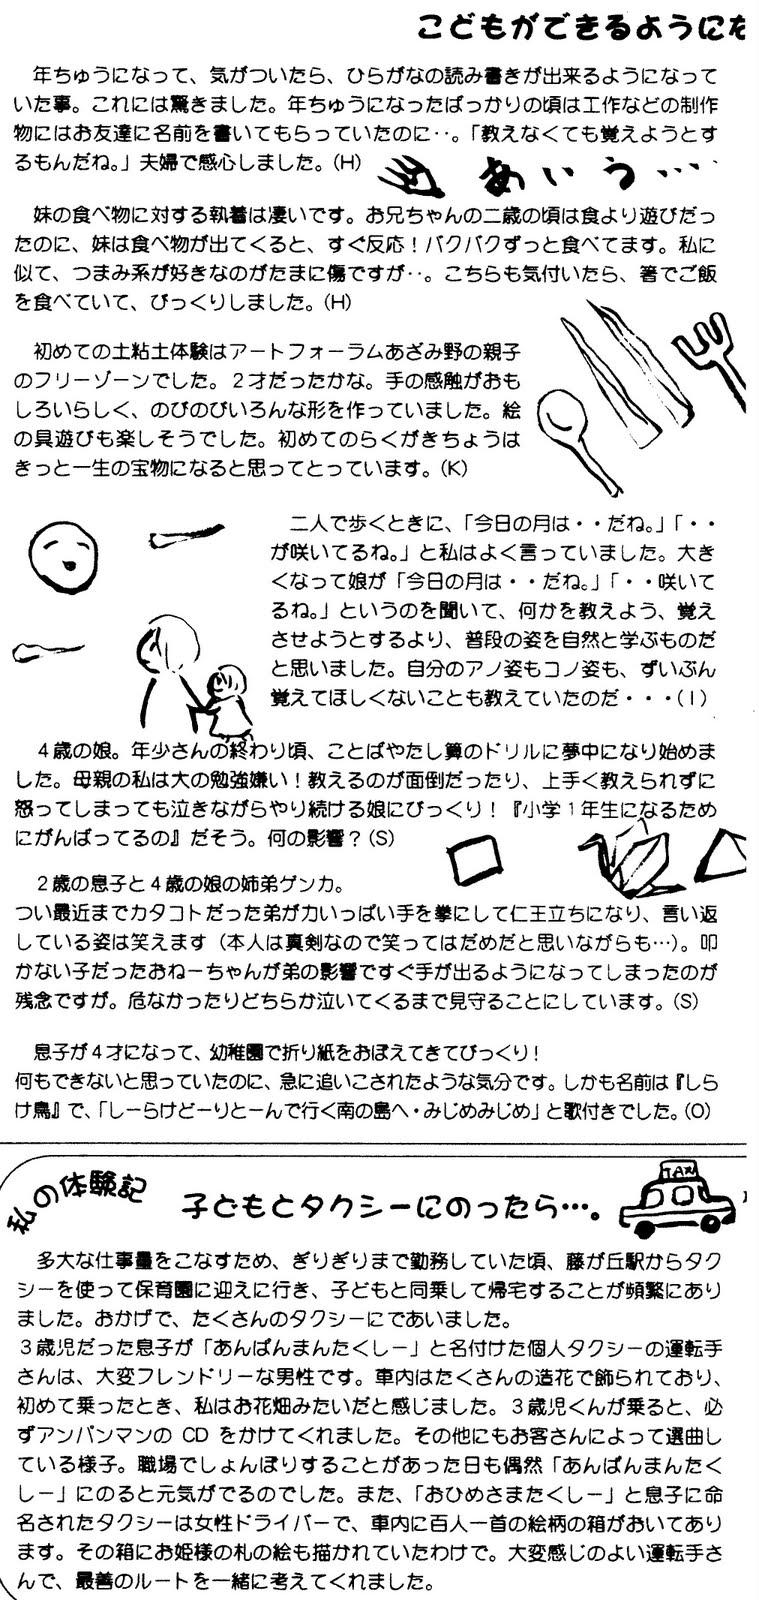 親と子のつどいの広場 ぴよぴよ: ぴよぴよ通信10月号